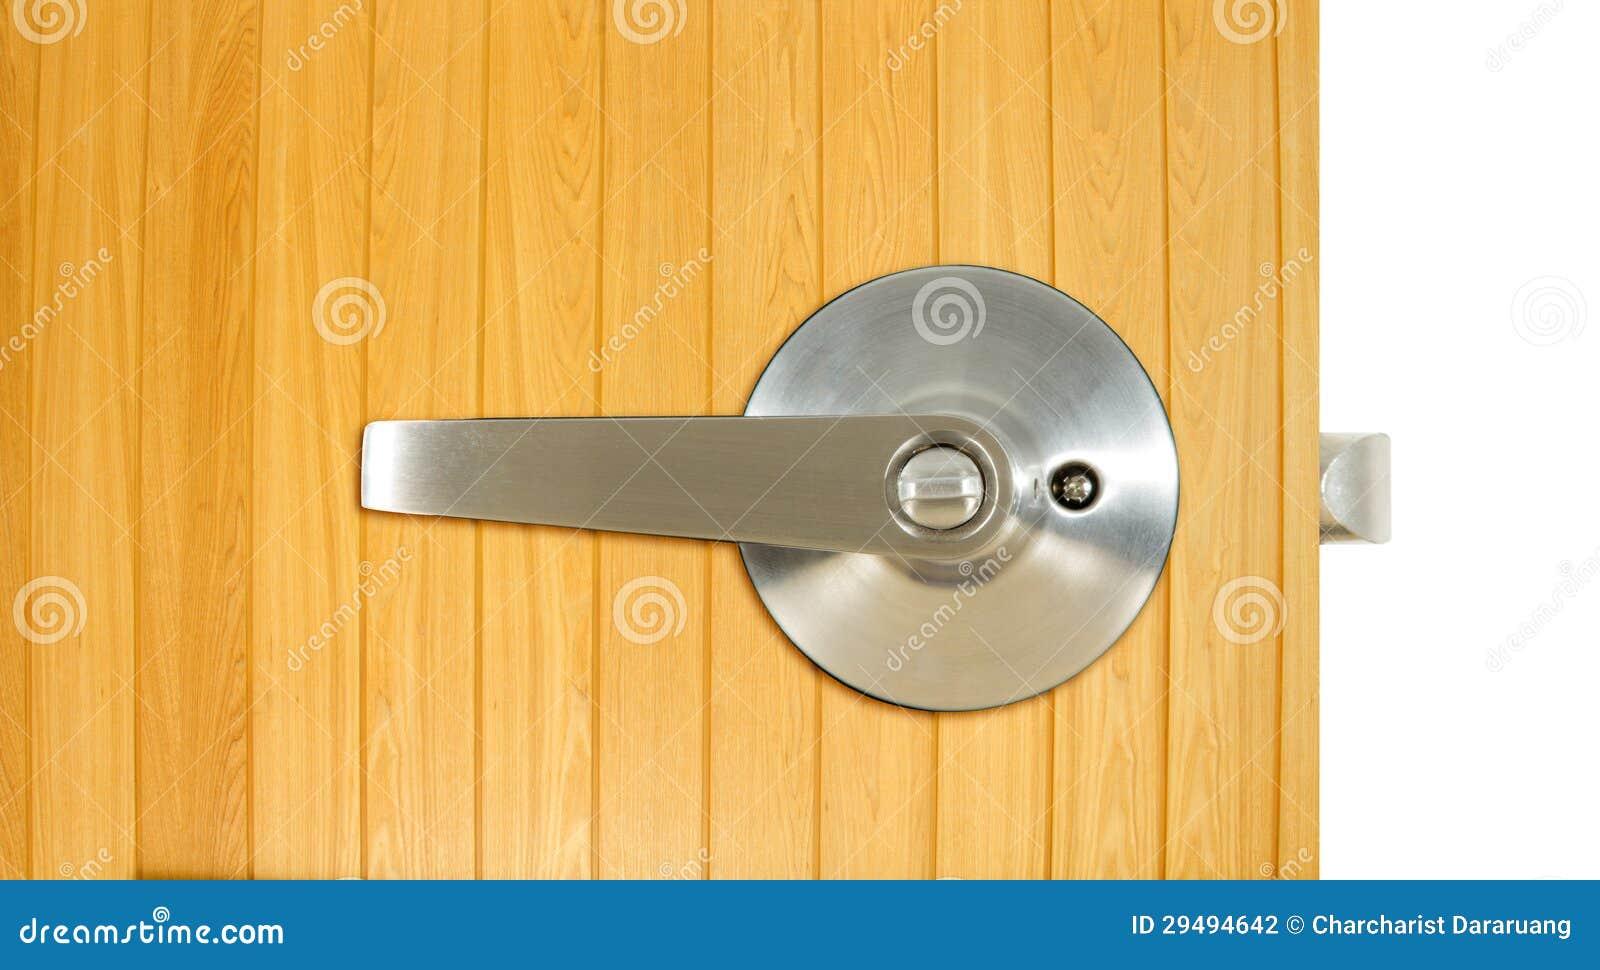 Aluminium door knob on the wood door, white background. door white  1300 x 805